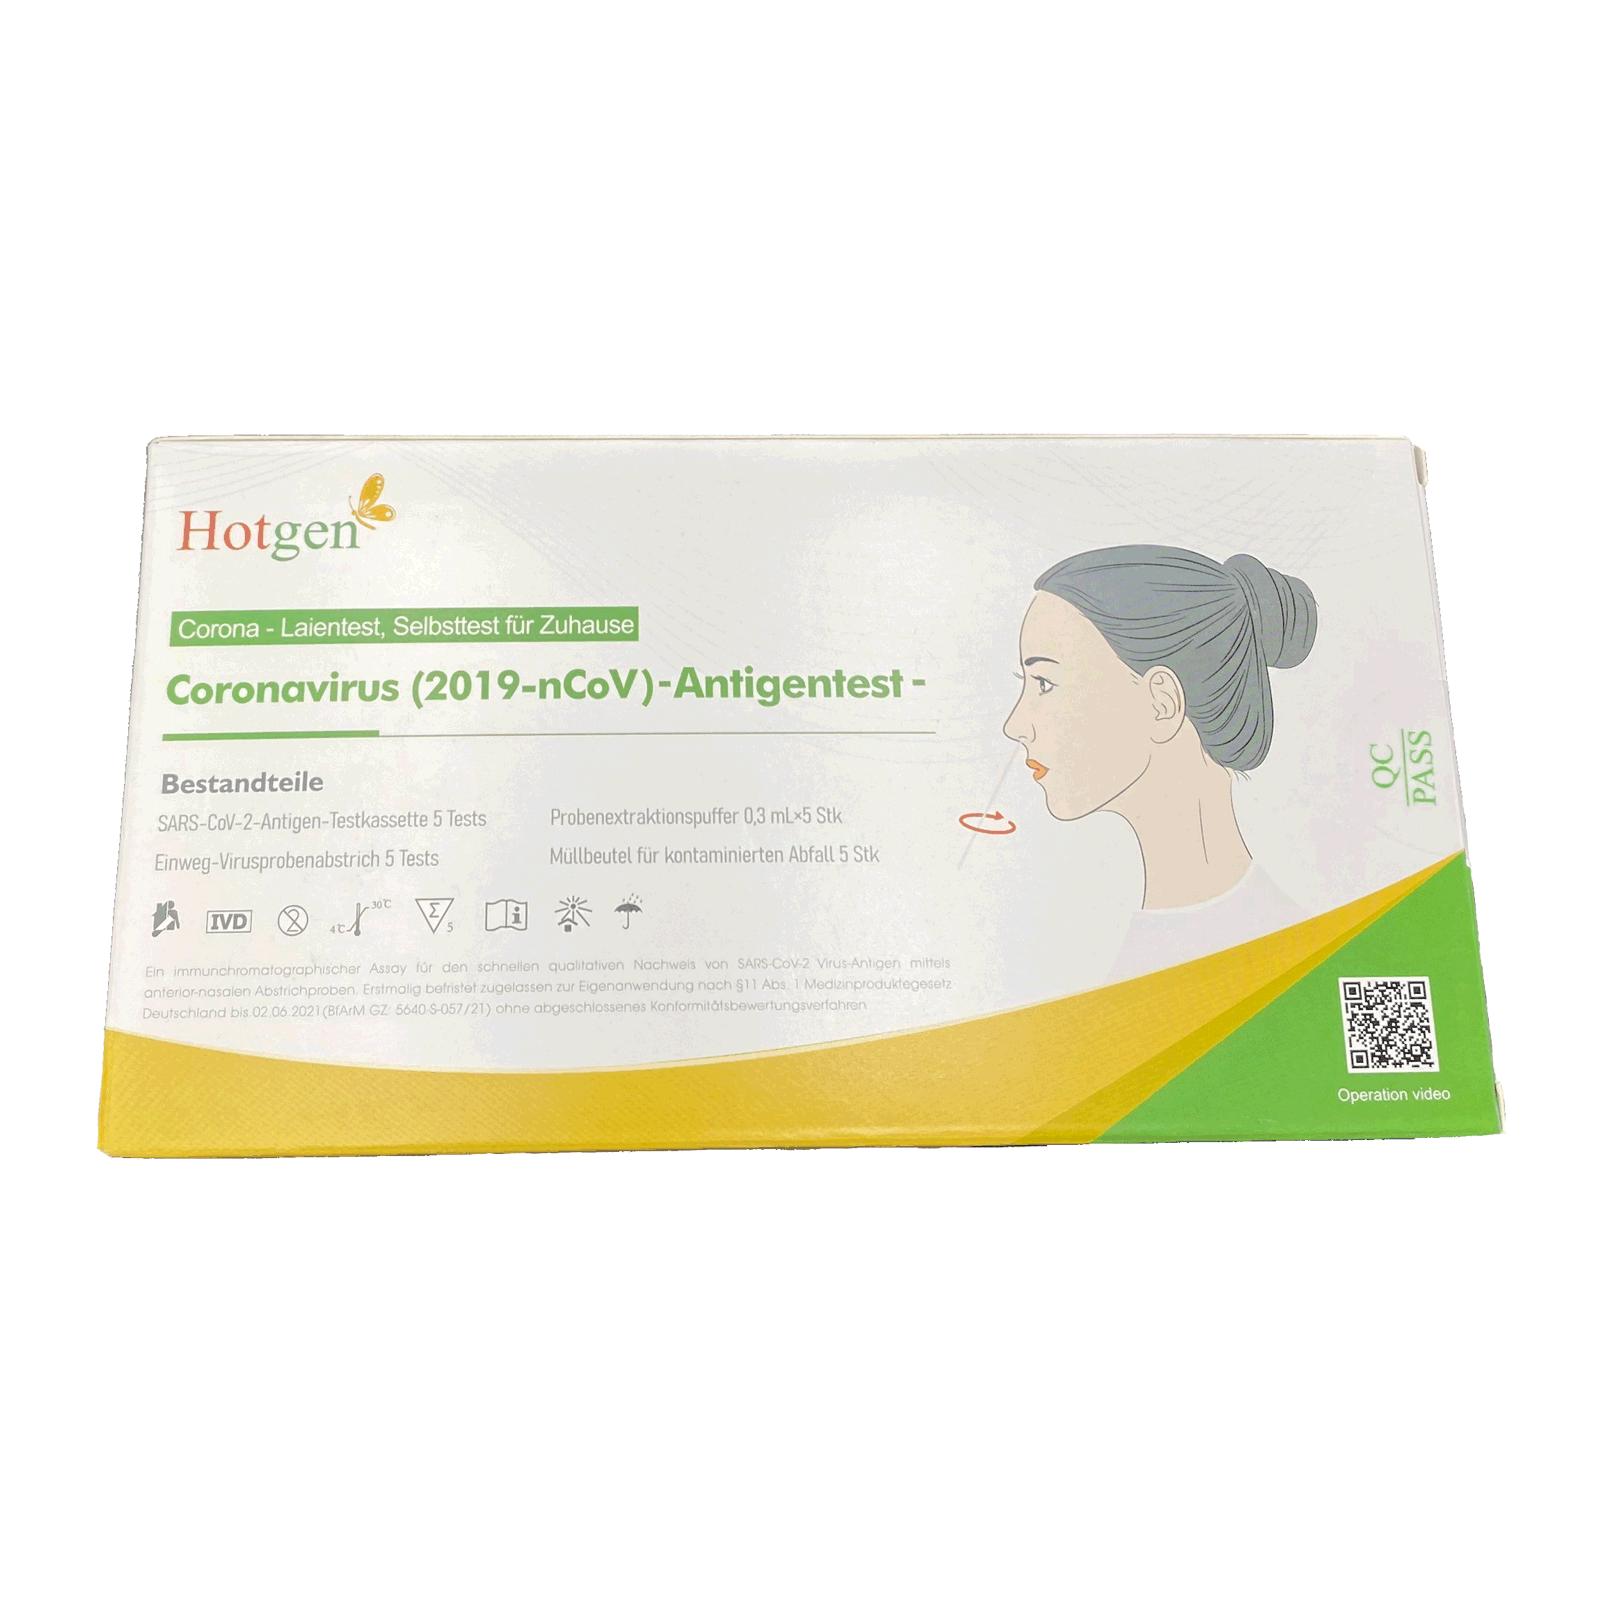 Hotgen 2019-nCoV Antigen Corona Schnelltest Laientest (5er Packung)